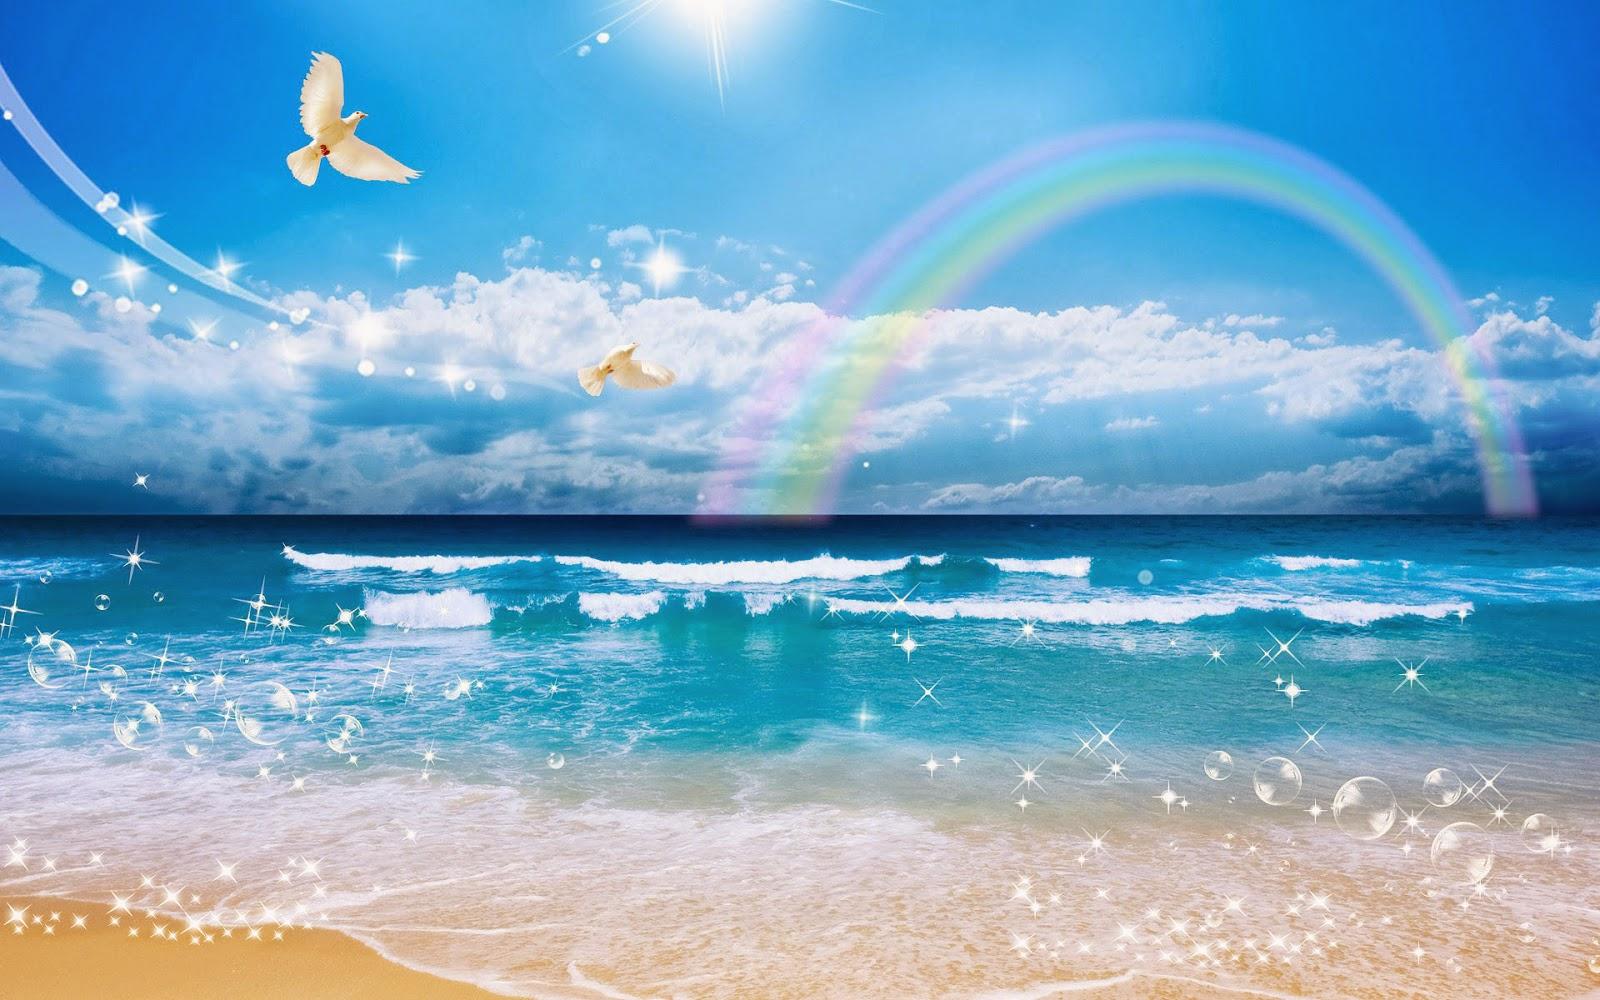 Foto met zee, strand, vogels, regenboog en blauwe lucht